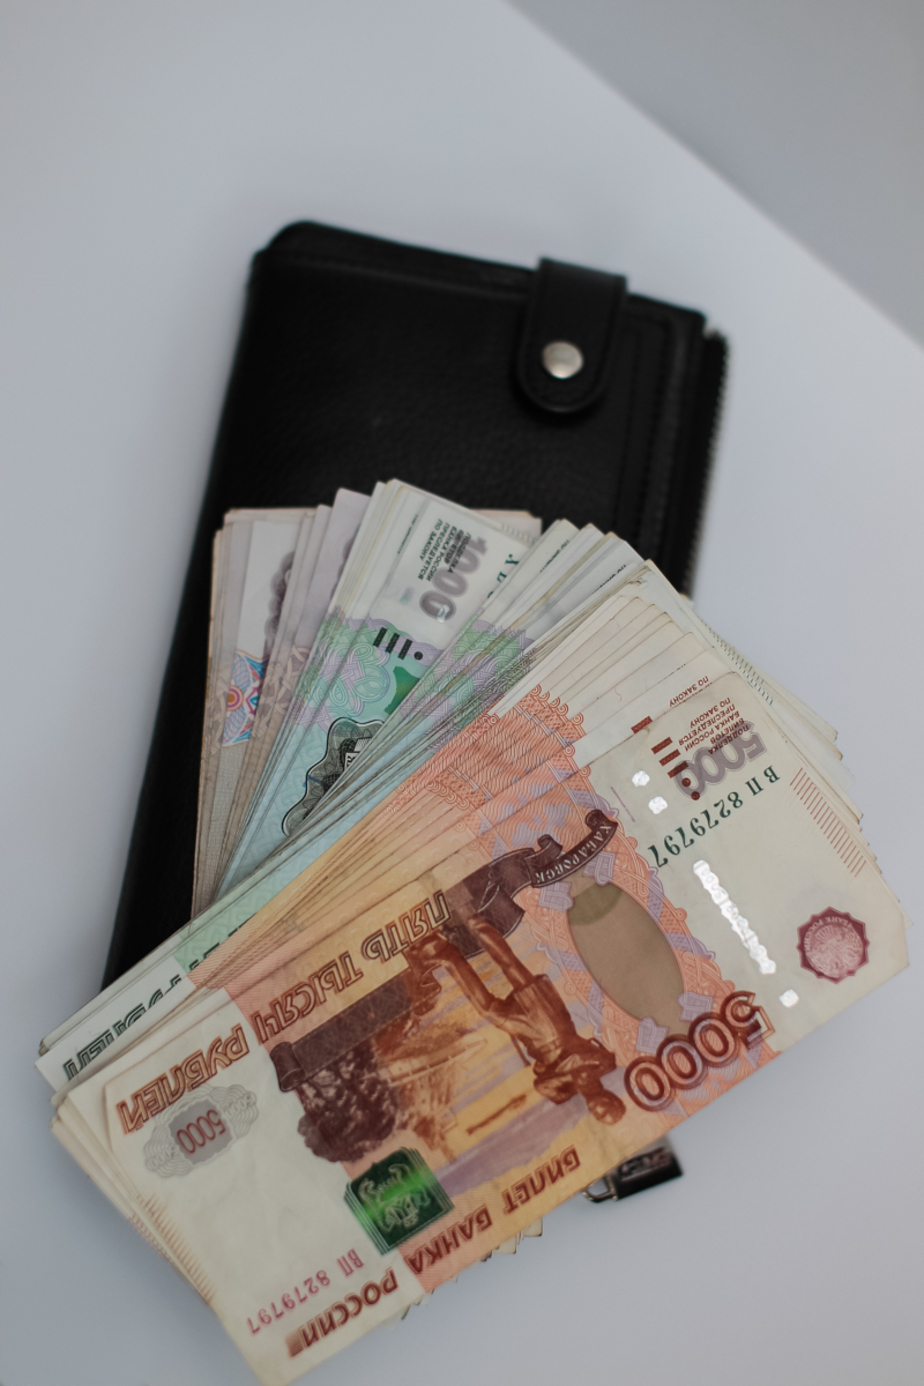 Калининградец украл деньги из кошелька коллеги на рабочем месте - Новости Калининграда